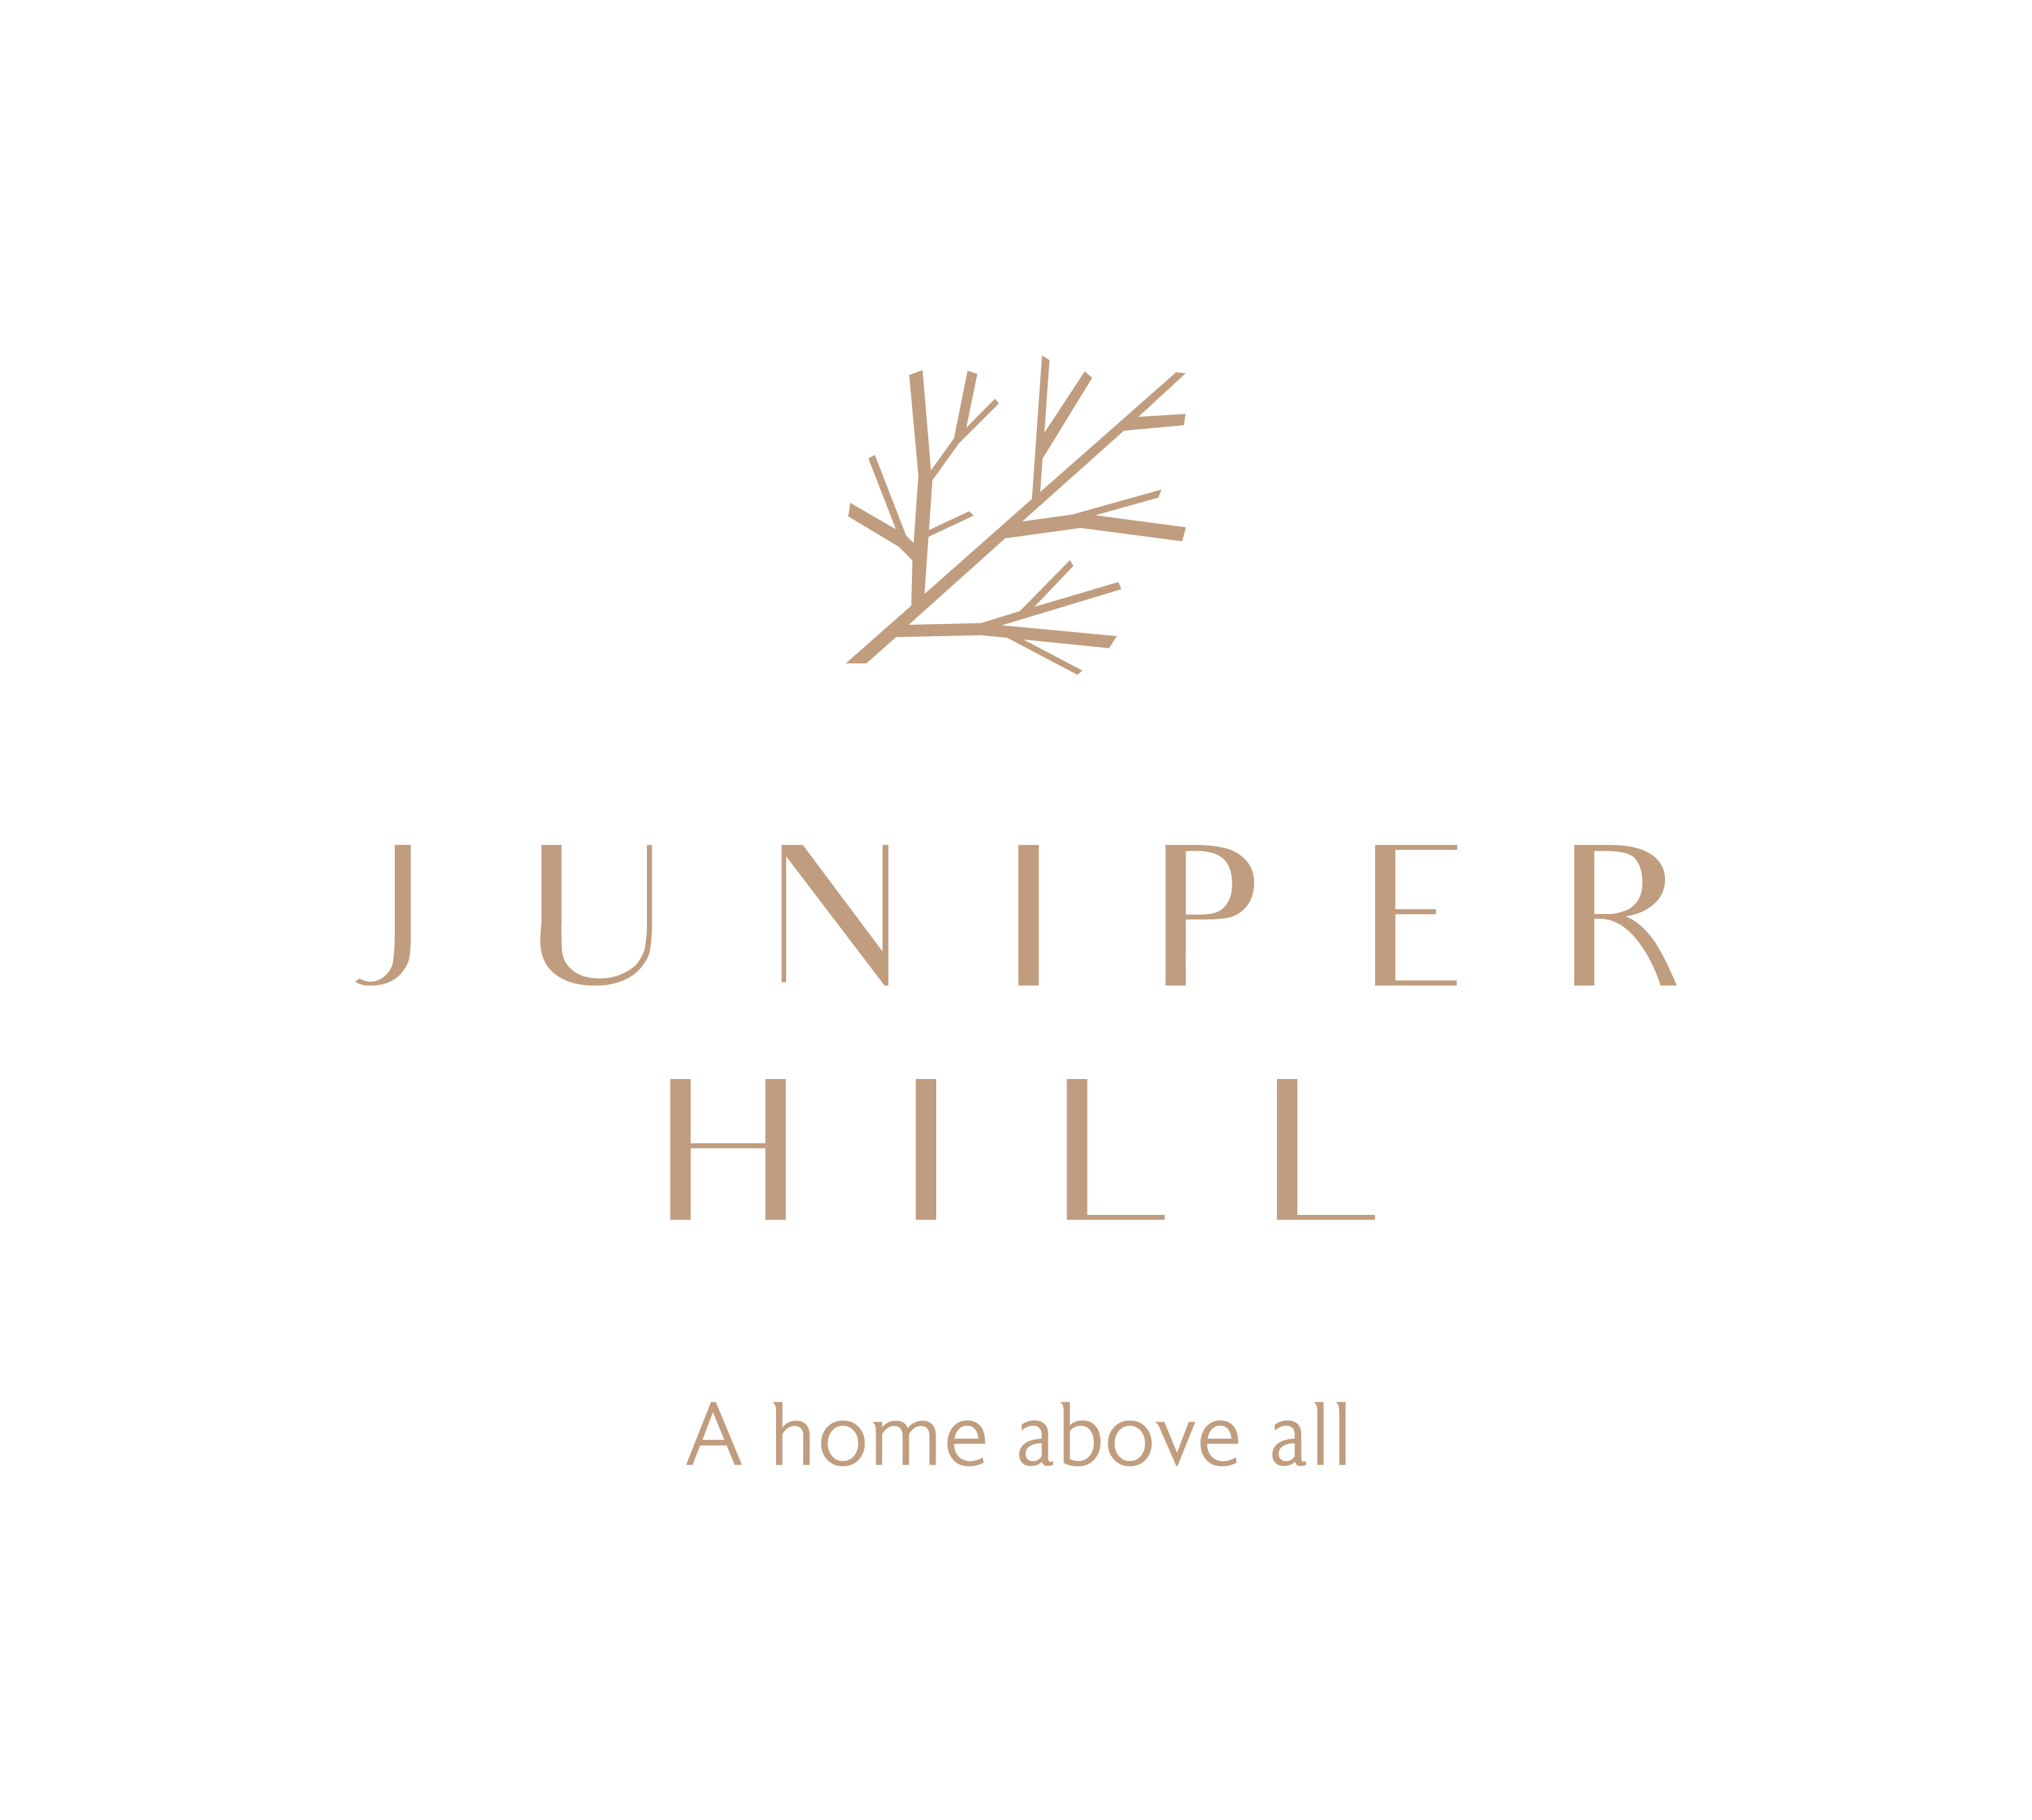 Juniper Hill image